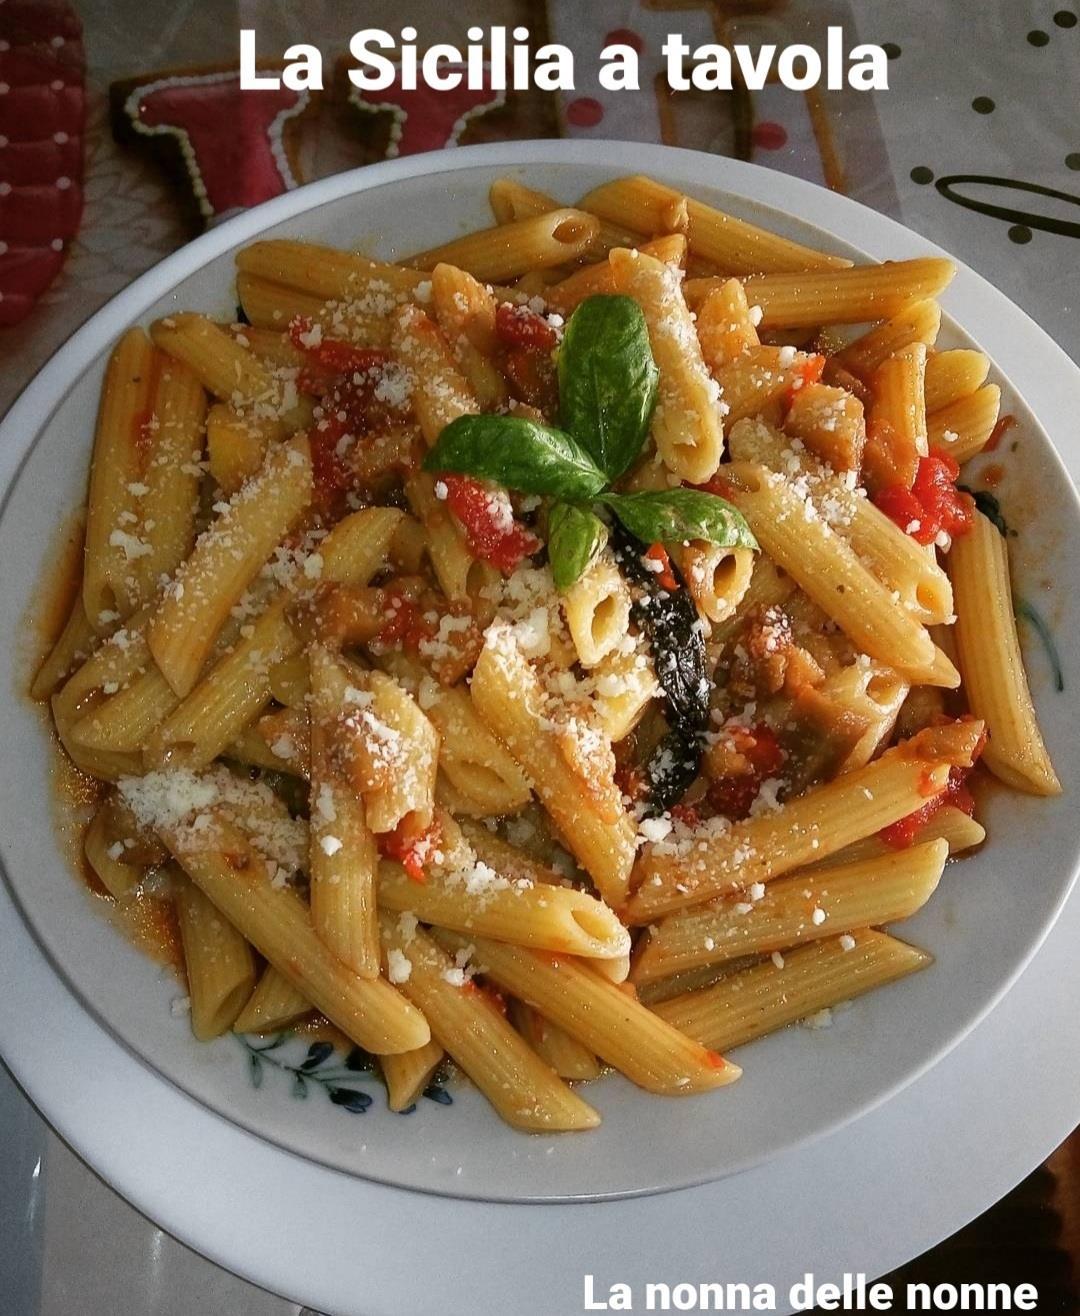 La Sicilia a tavola